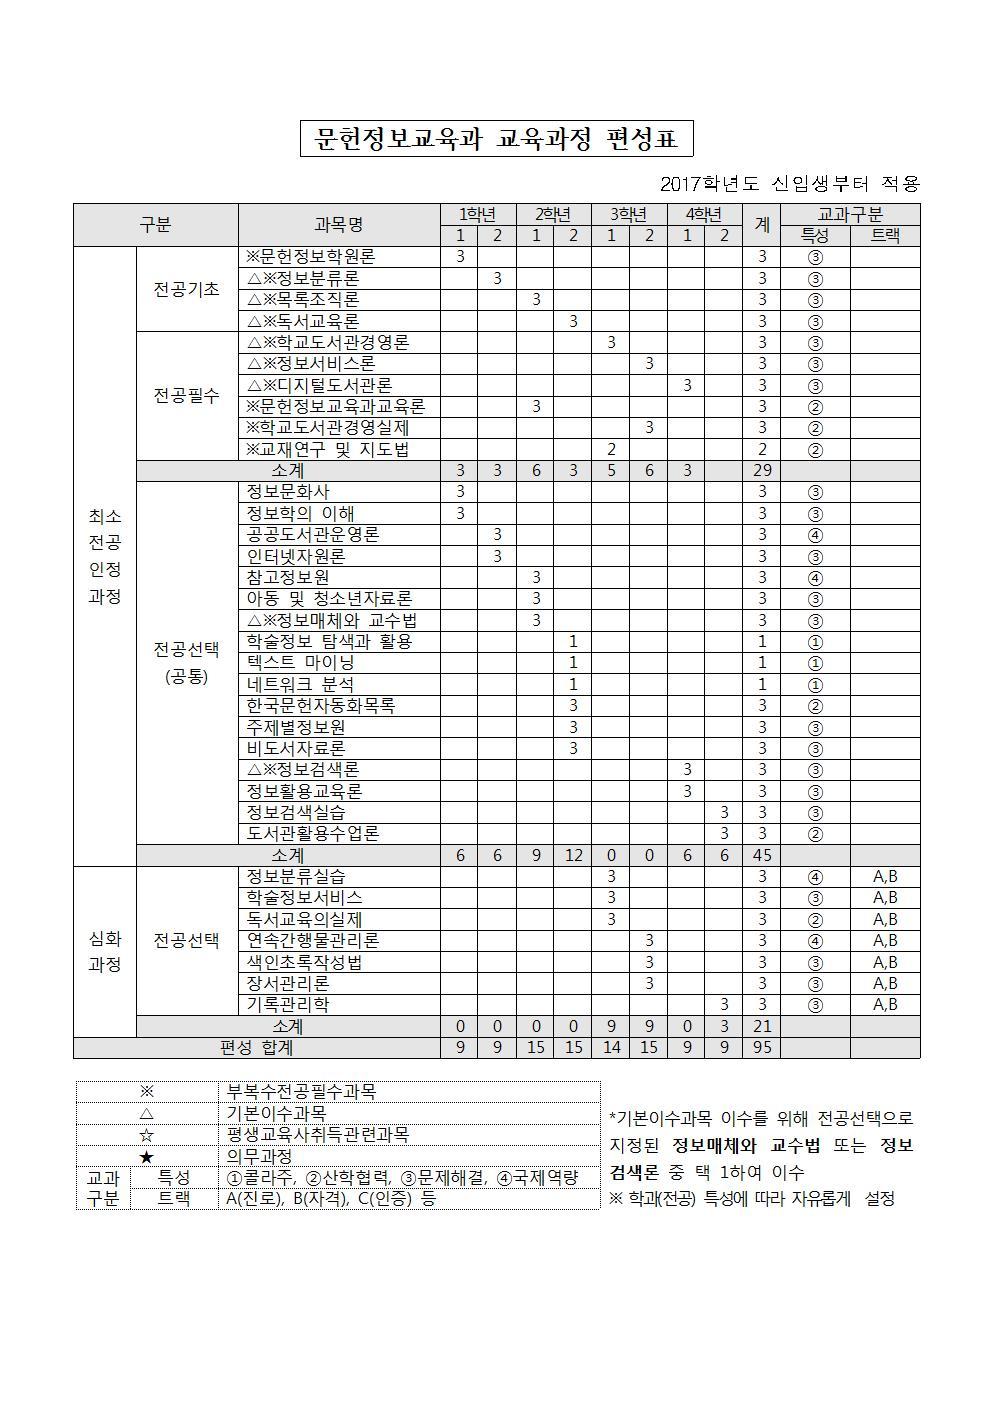 전공교육과정 개편(문헌정보교육과)_20180703_추가수정_20181129_홈페이지 게시용001001.jpg